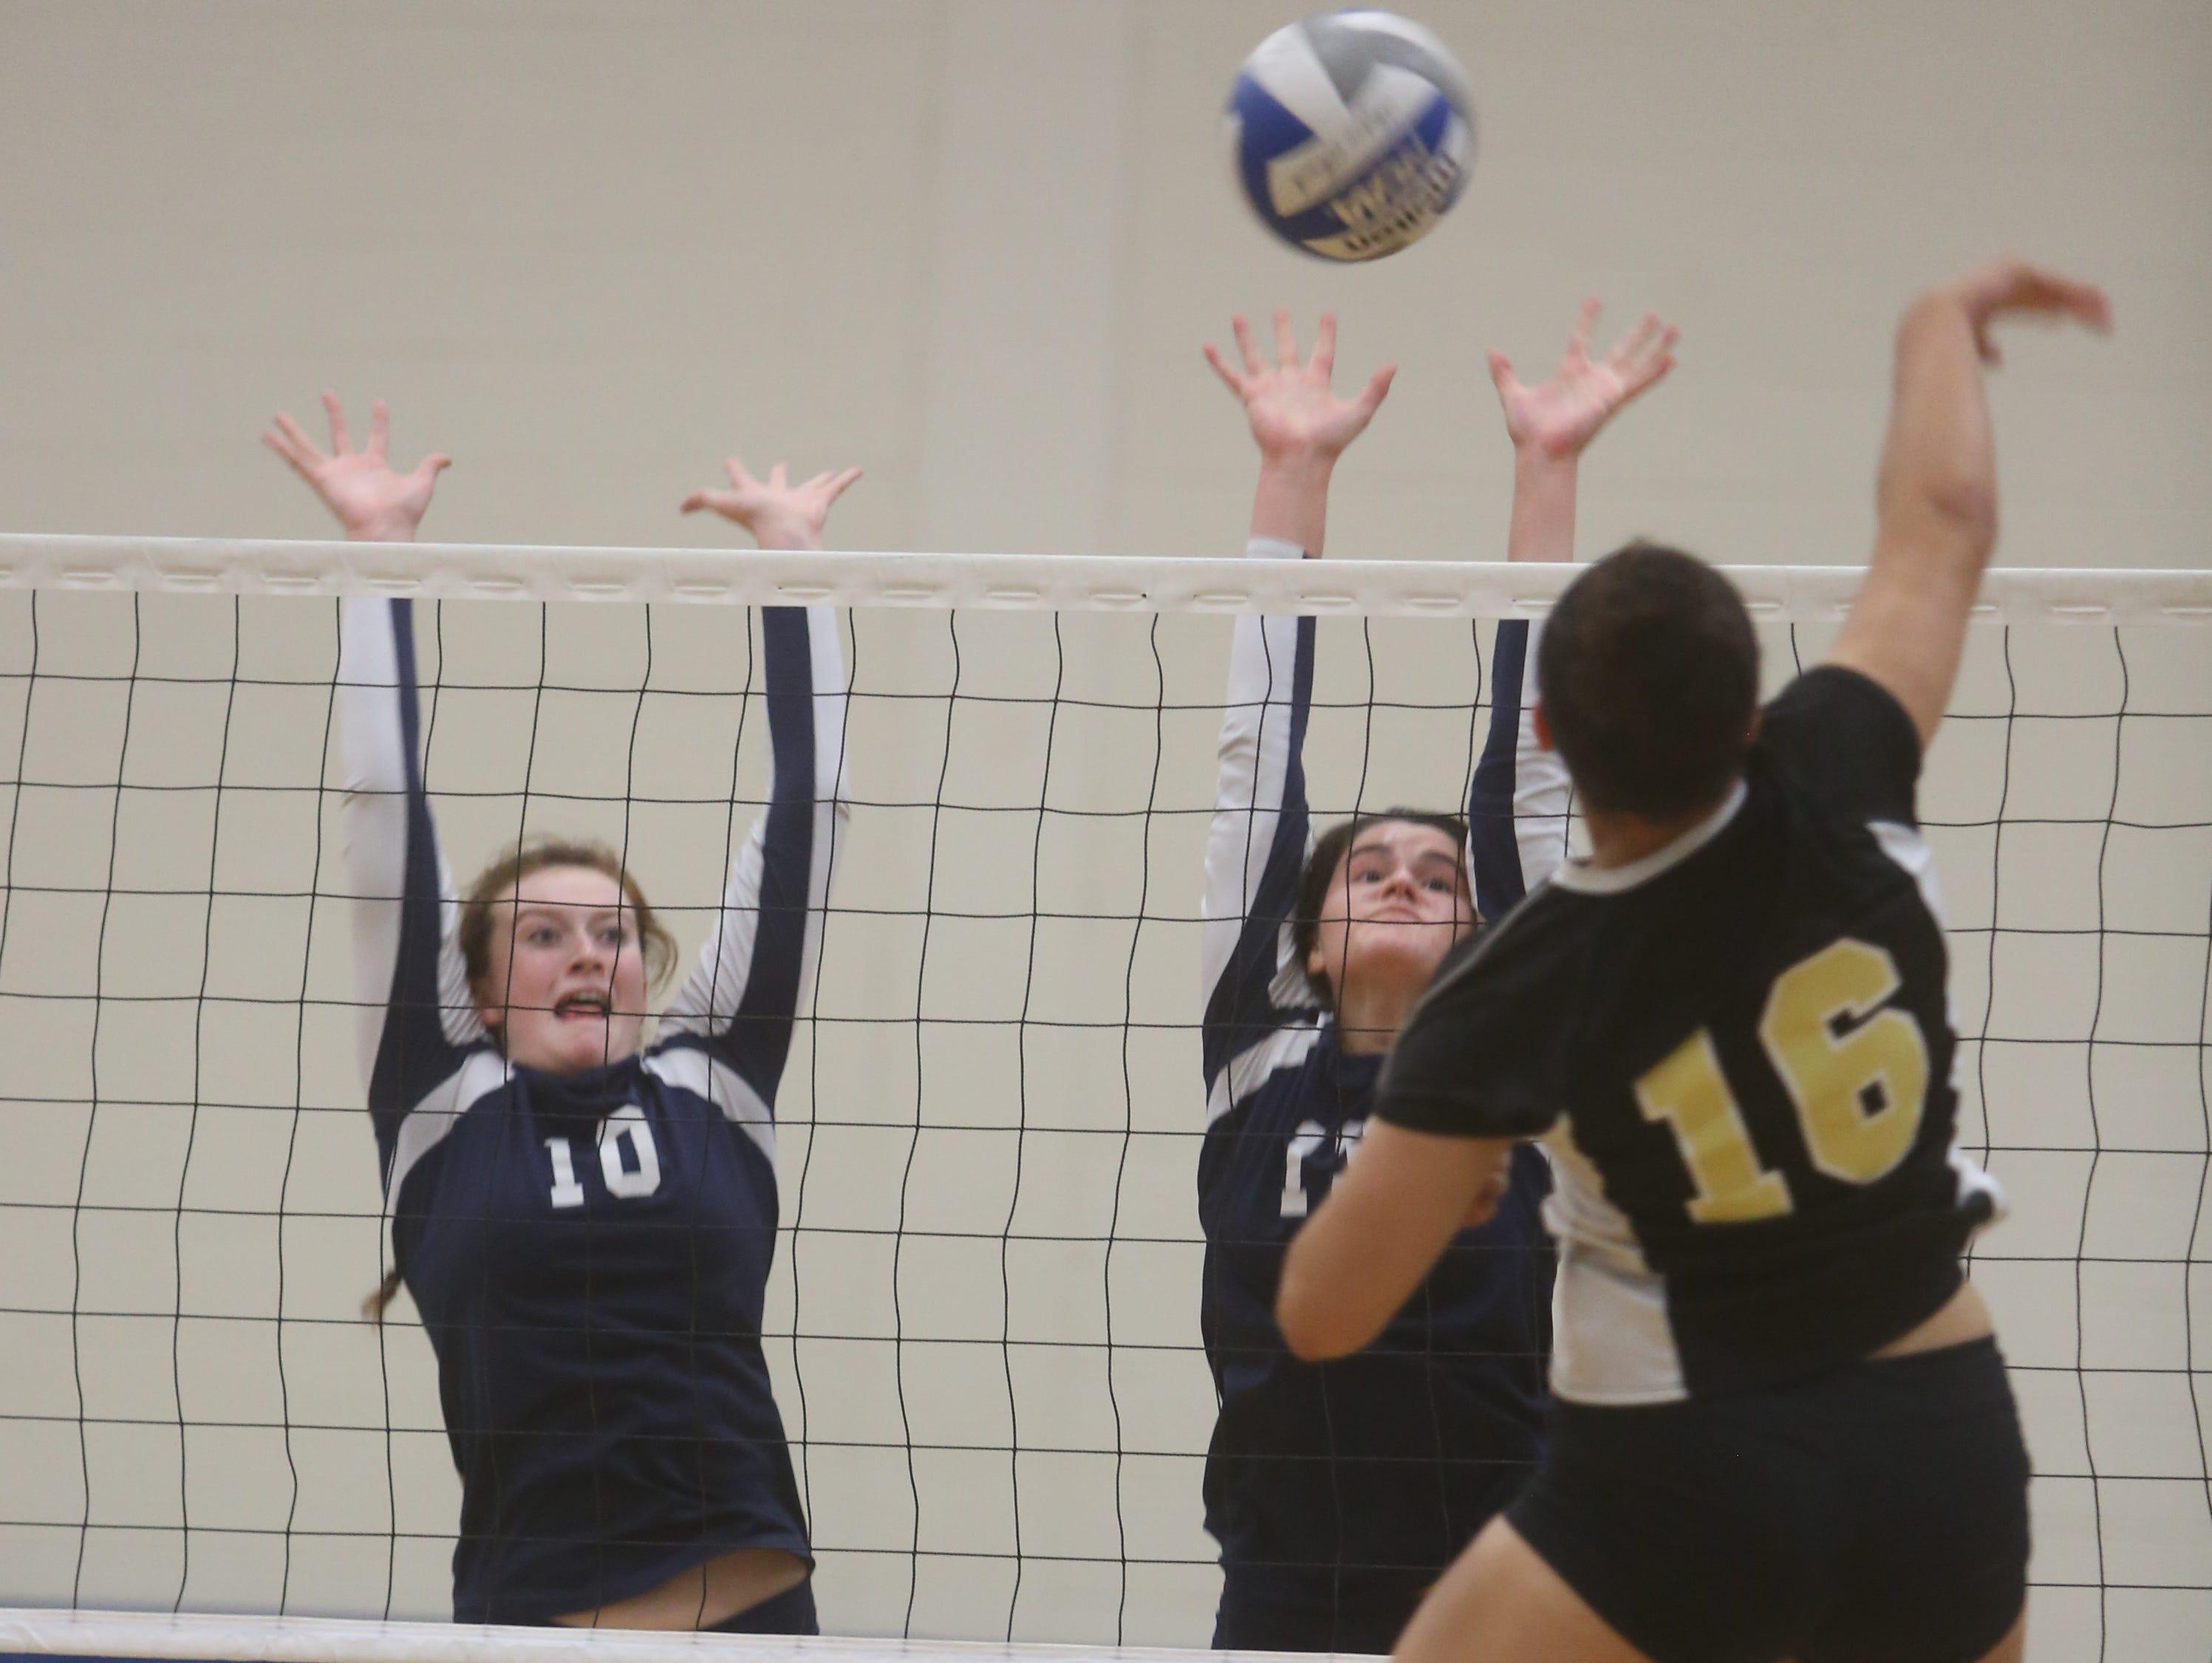 Nanuet defeated Pelham in five games to win a Section 1 Class B volleyball semifinal match at Pelham High School Oct. 29, 2014.